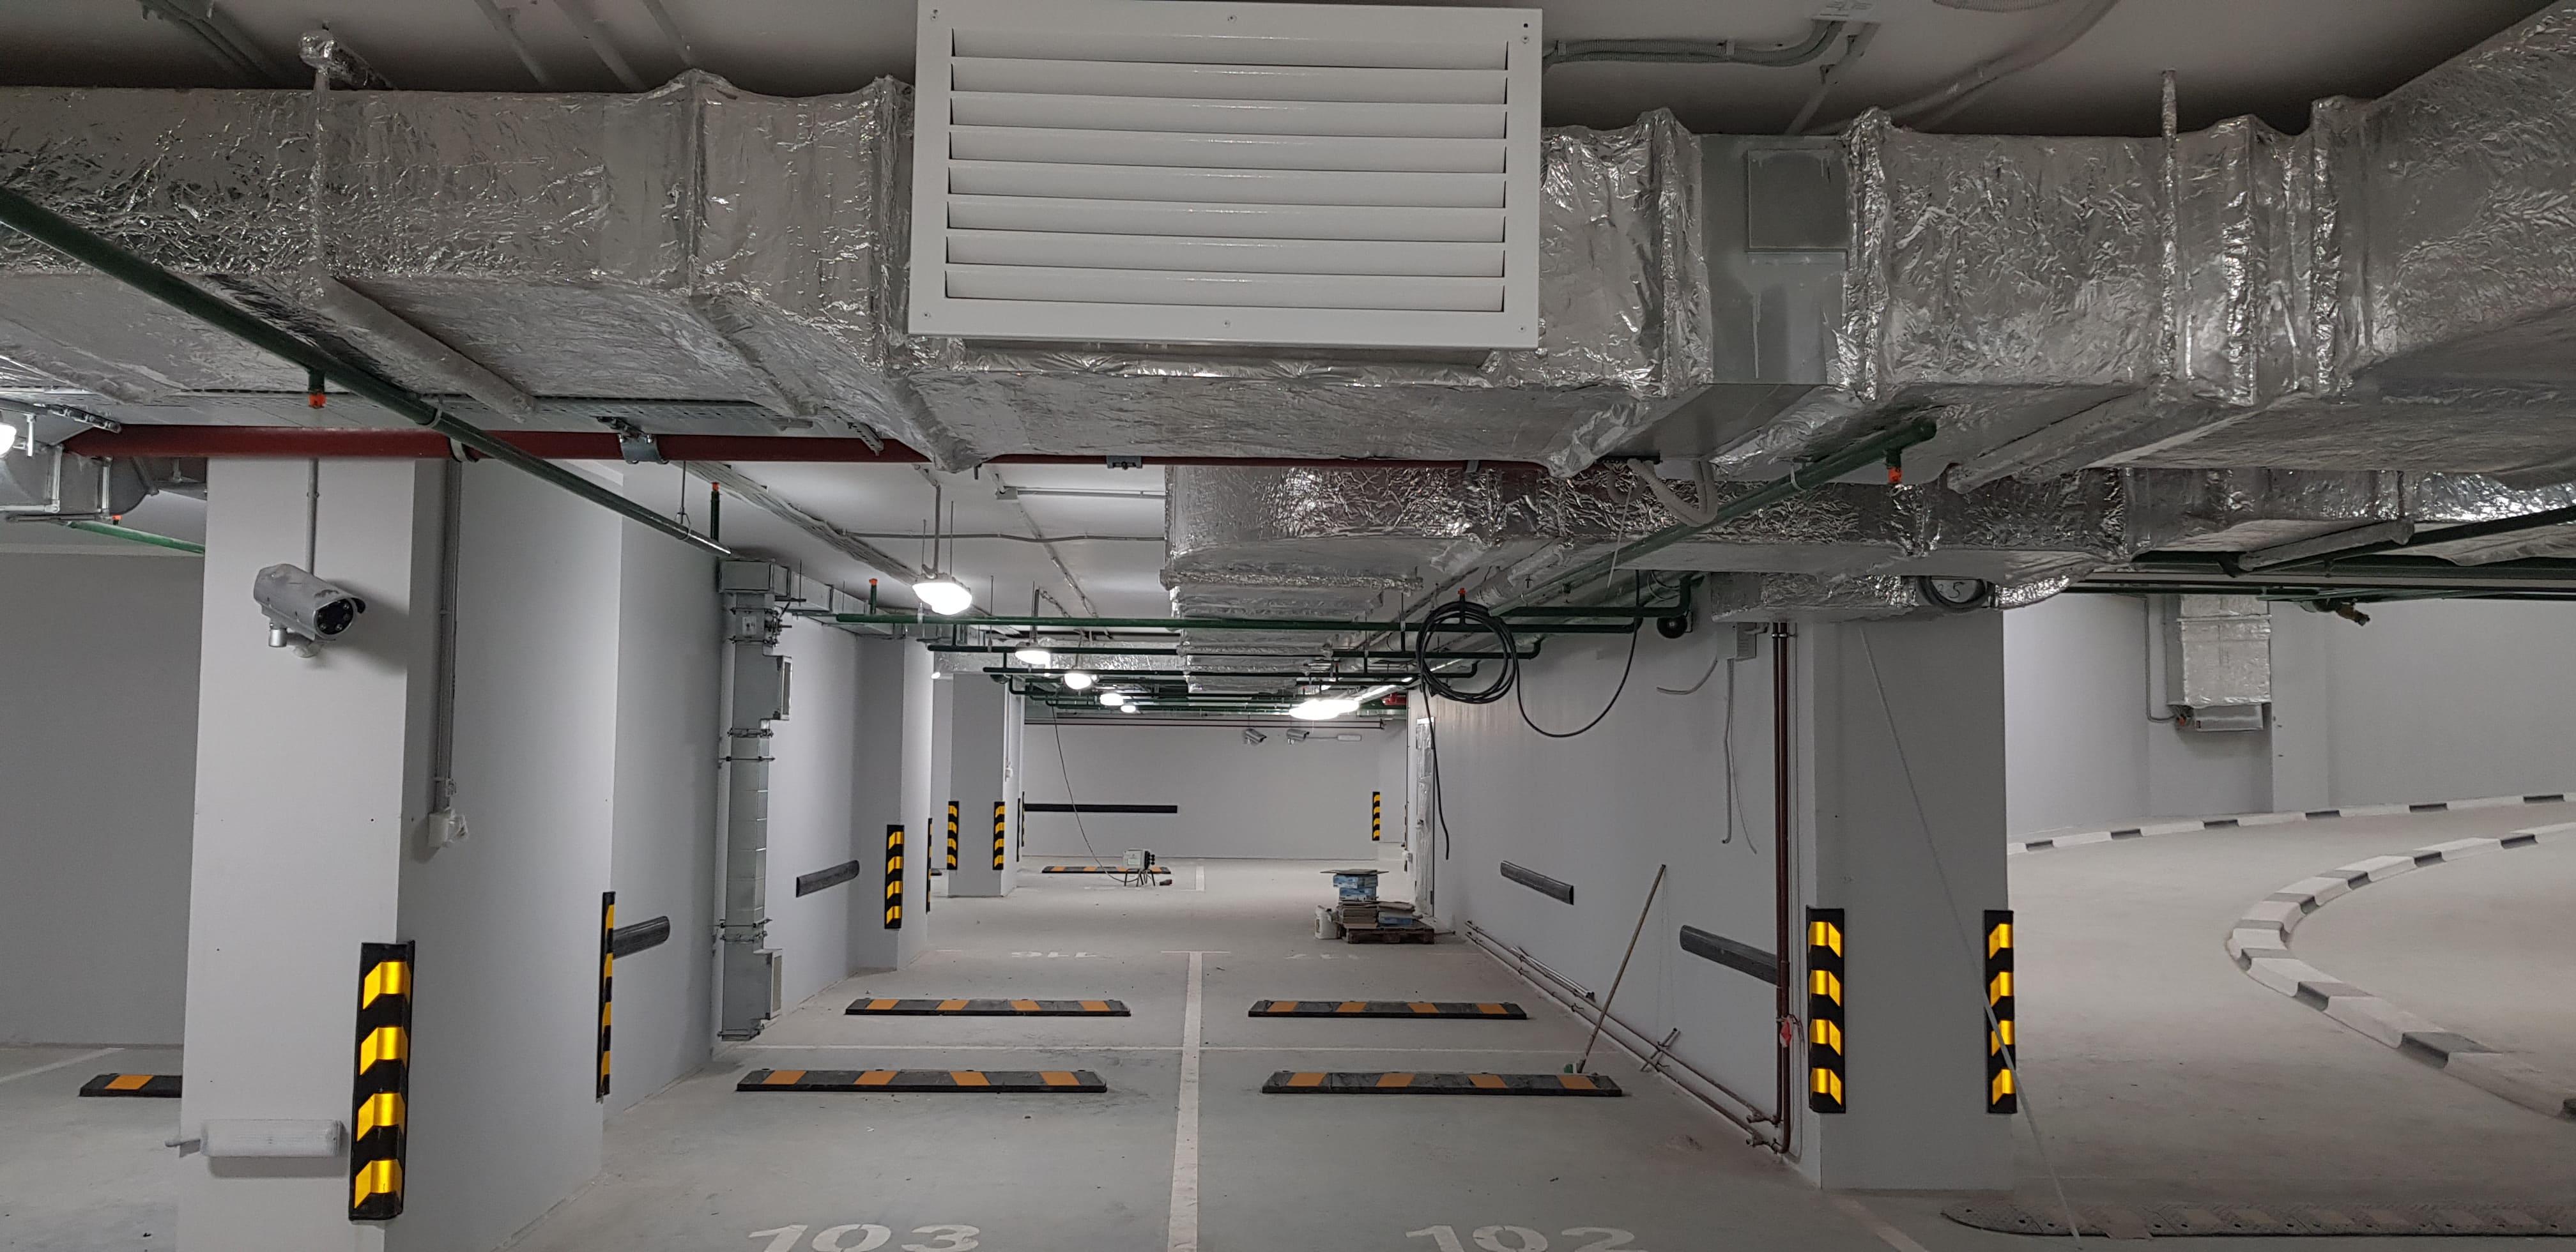 Подземный паркинг хранения автомобилей апарт отель Волга.